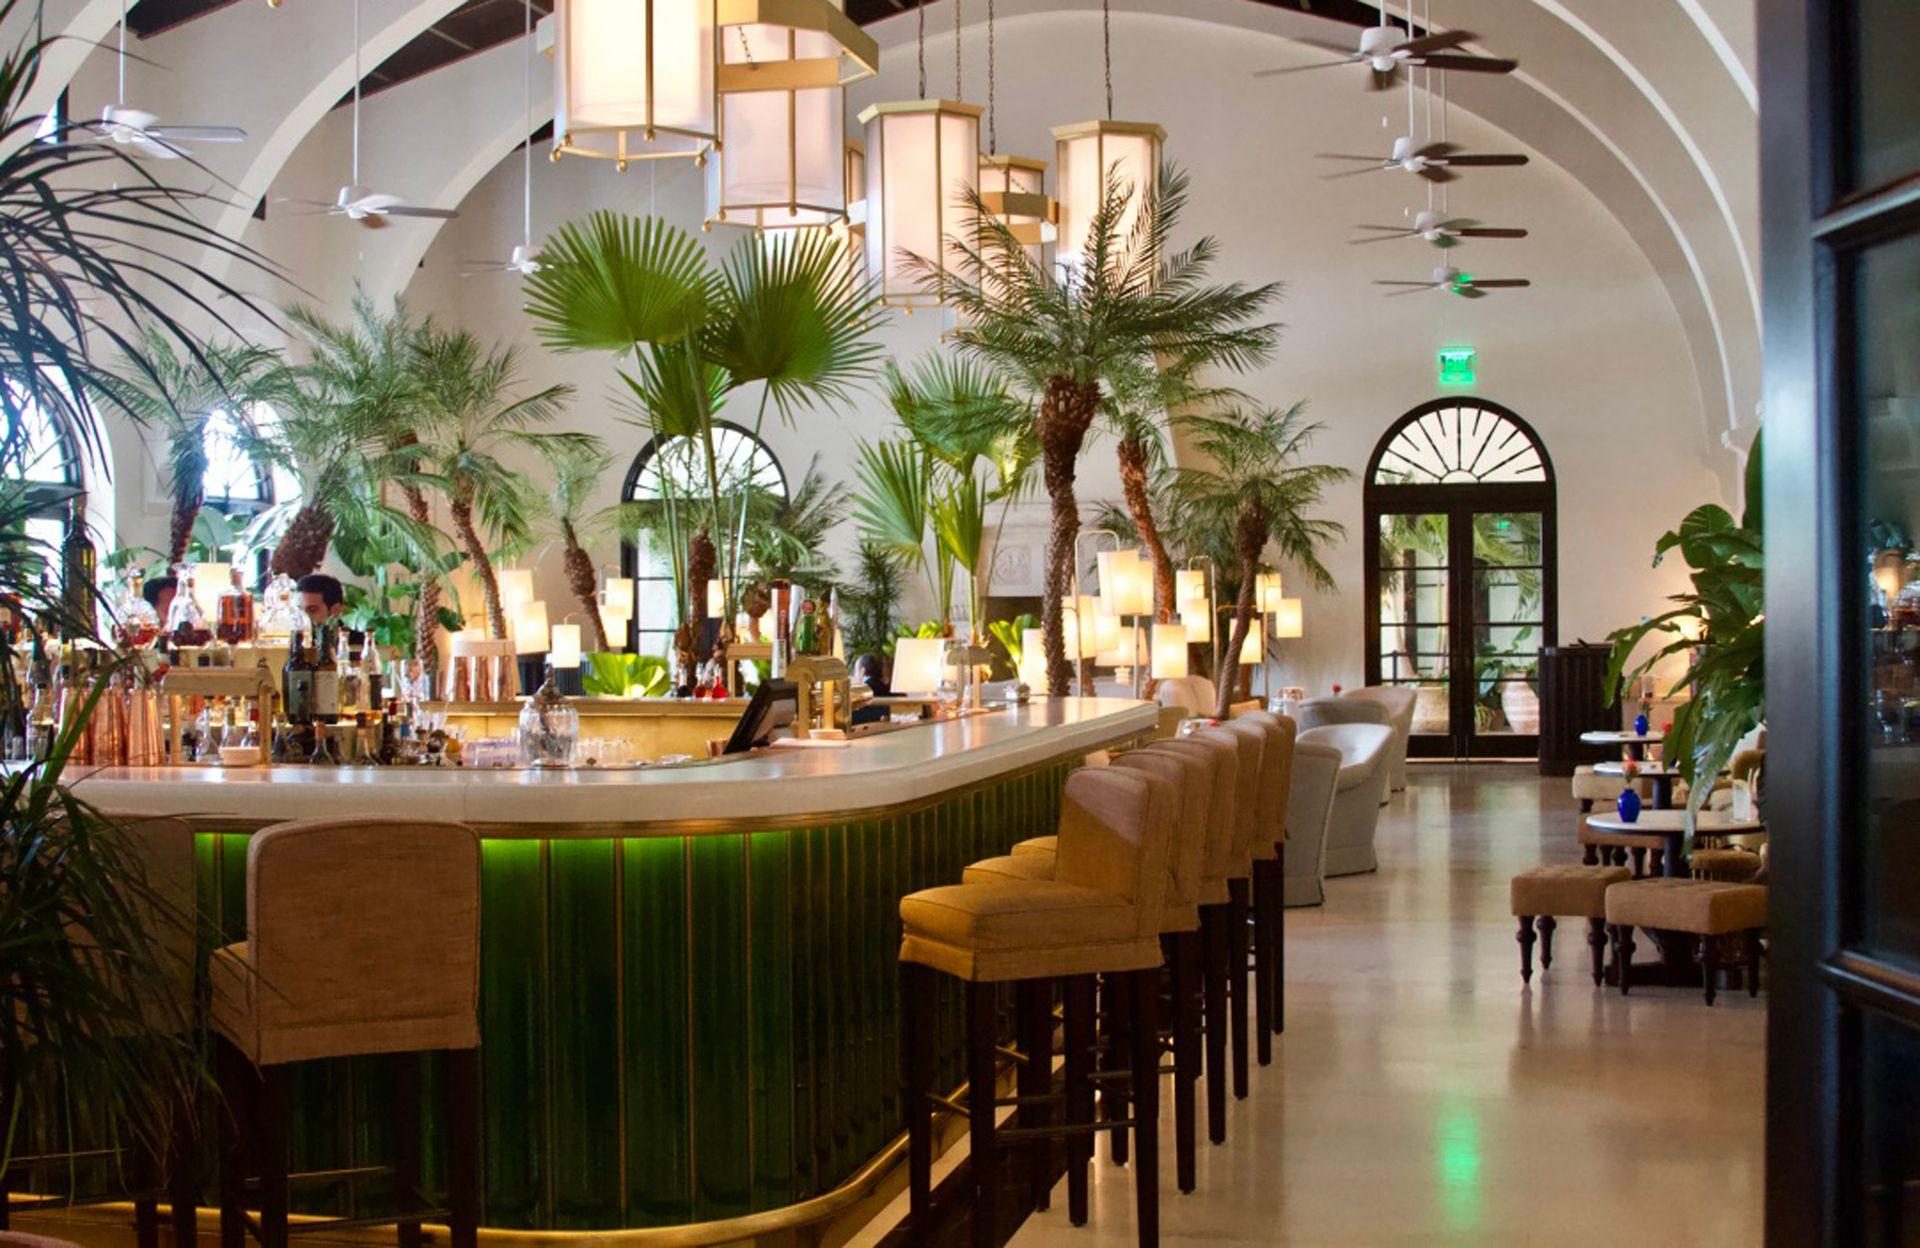 El estilo tropical chic del Champagne Bar Le Sirenuse, en el Four Seasons.